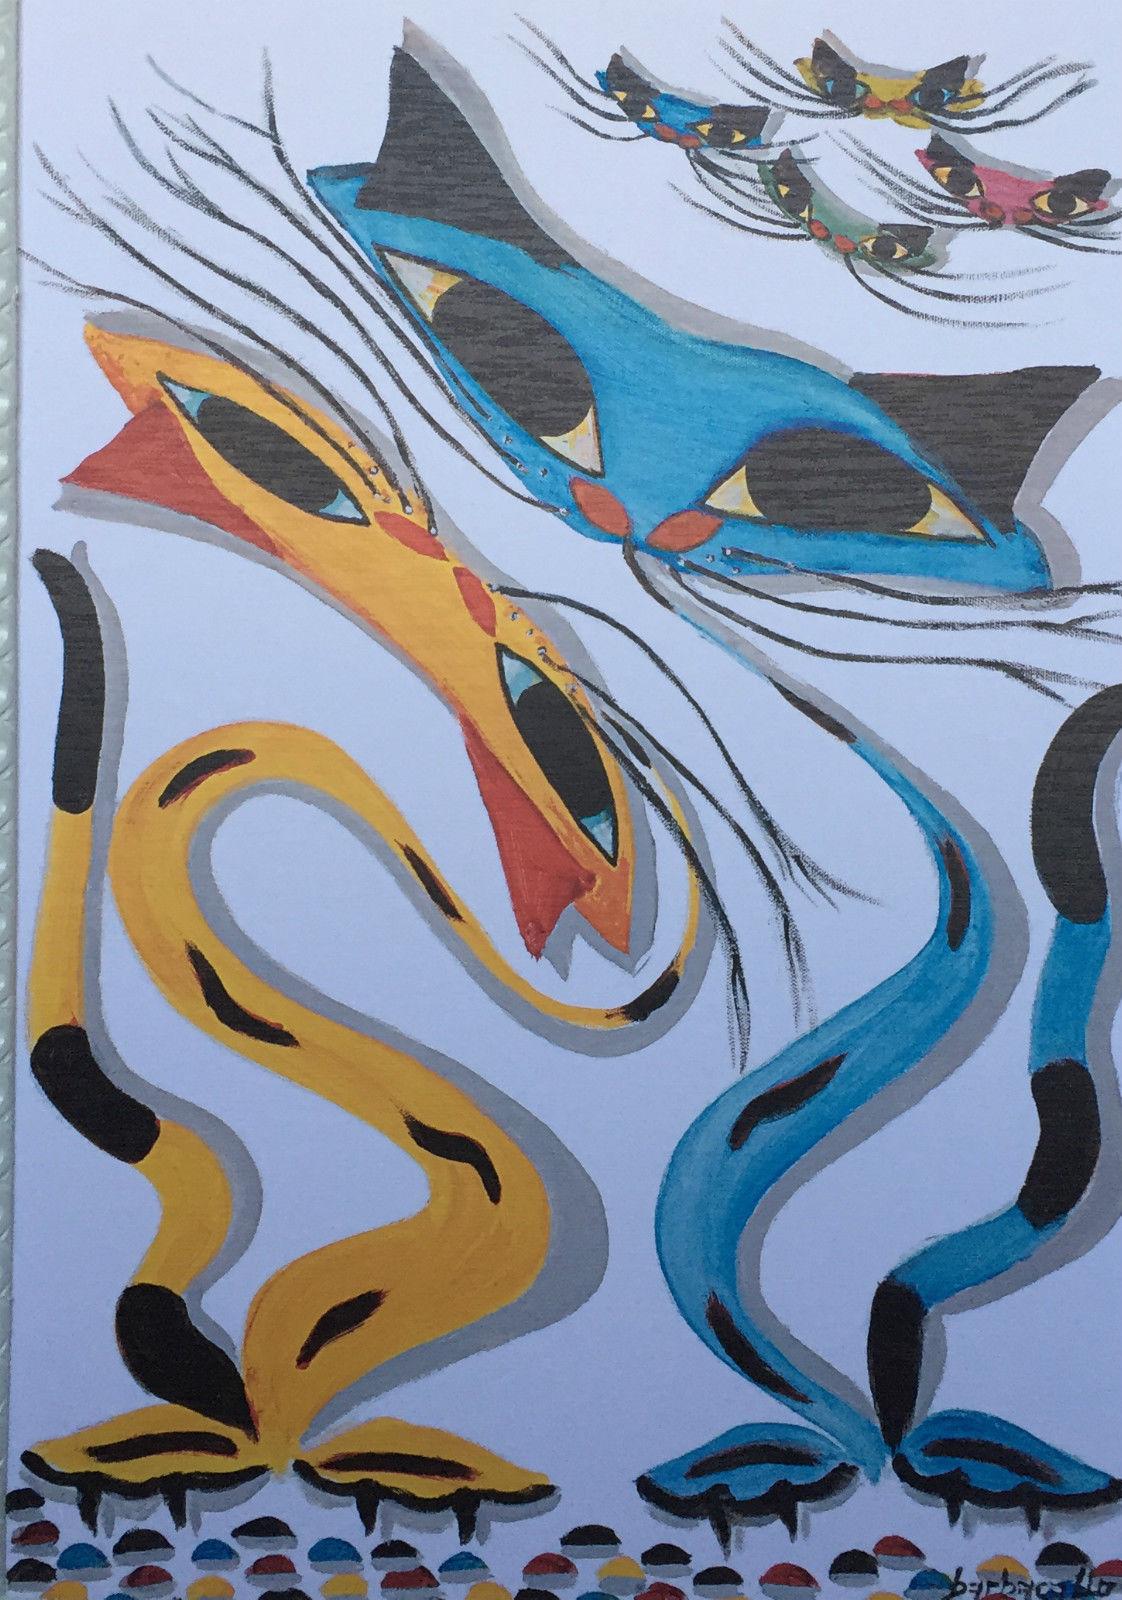 Gemälde Katzen Tiere Gerahmte Bild 90x70 Katzen - Kaufen bei Pintici ...